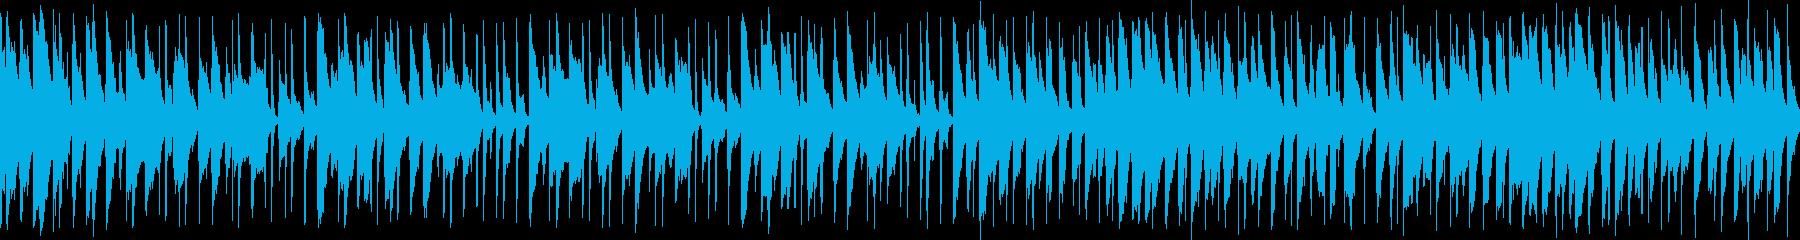 コミカルなラテン風の明るいBGMの再生済みの波形